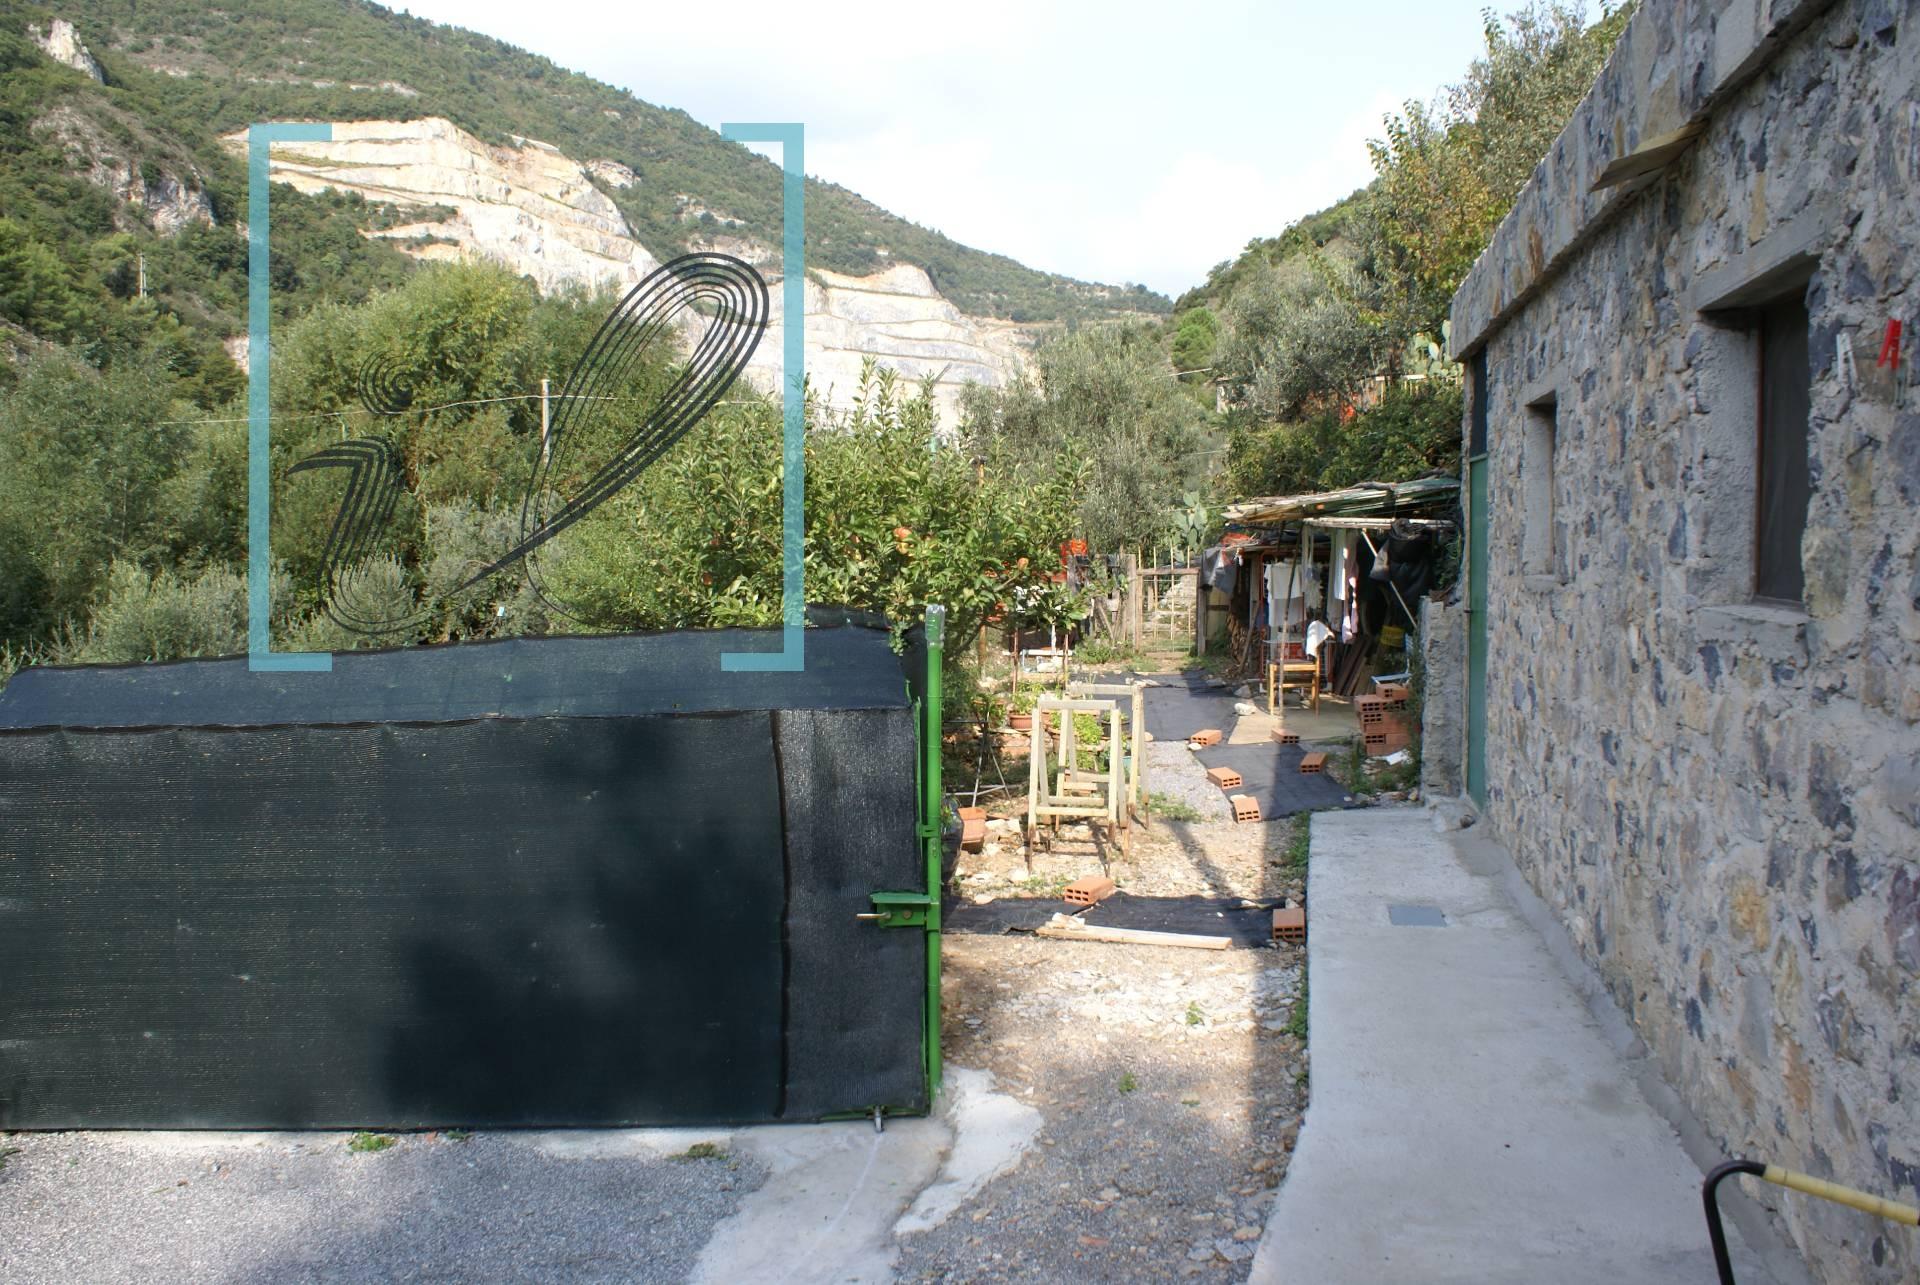 Rustico / Casale in vendita a Zuccarello, 1 locali, zona inetto, prezzo € 75.000   PortaleAgenzieImmobiliari.it